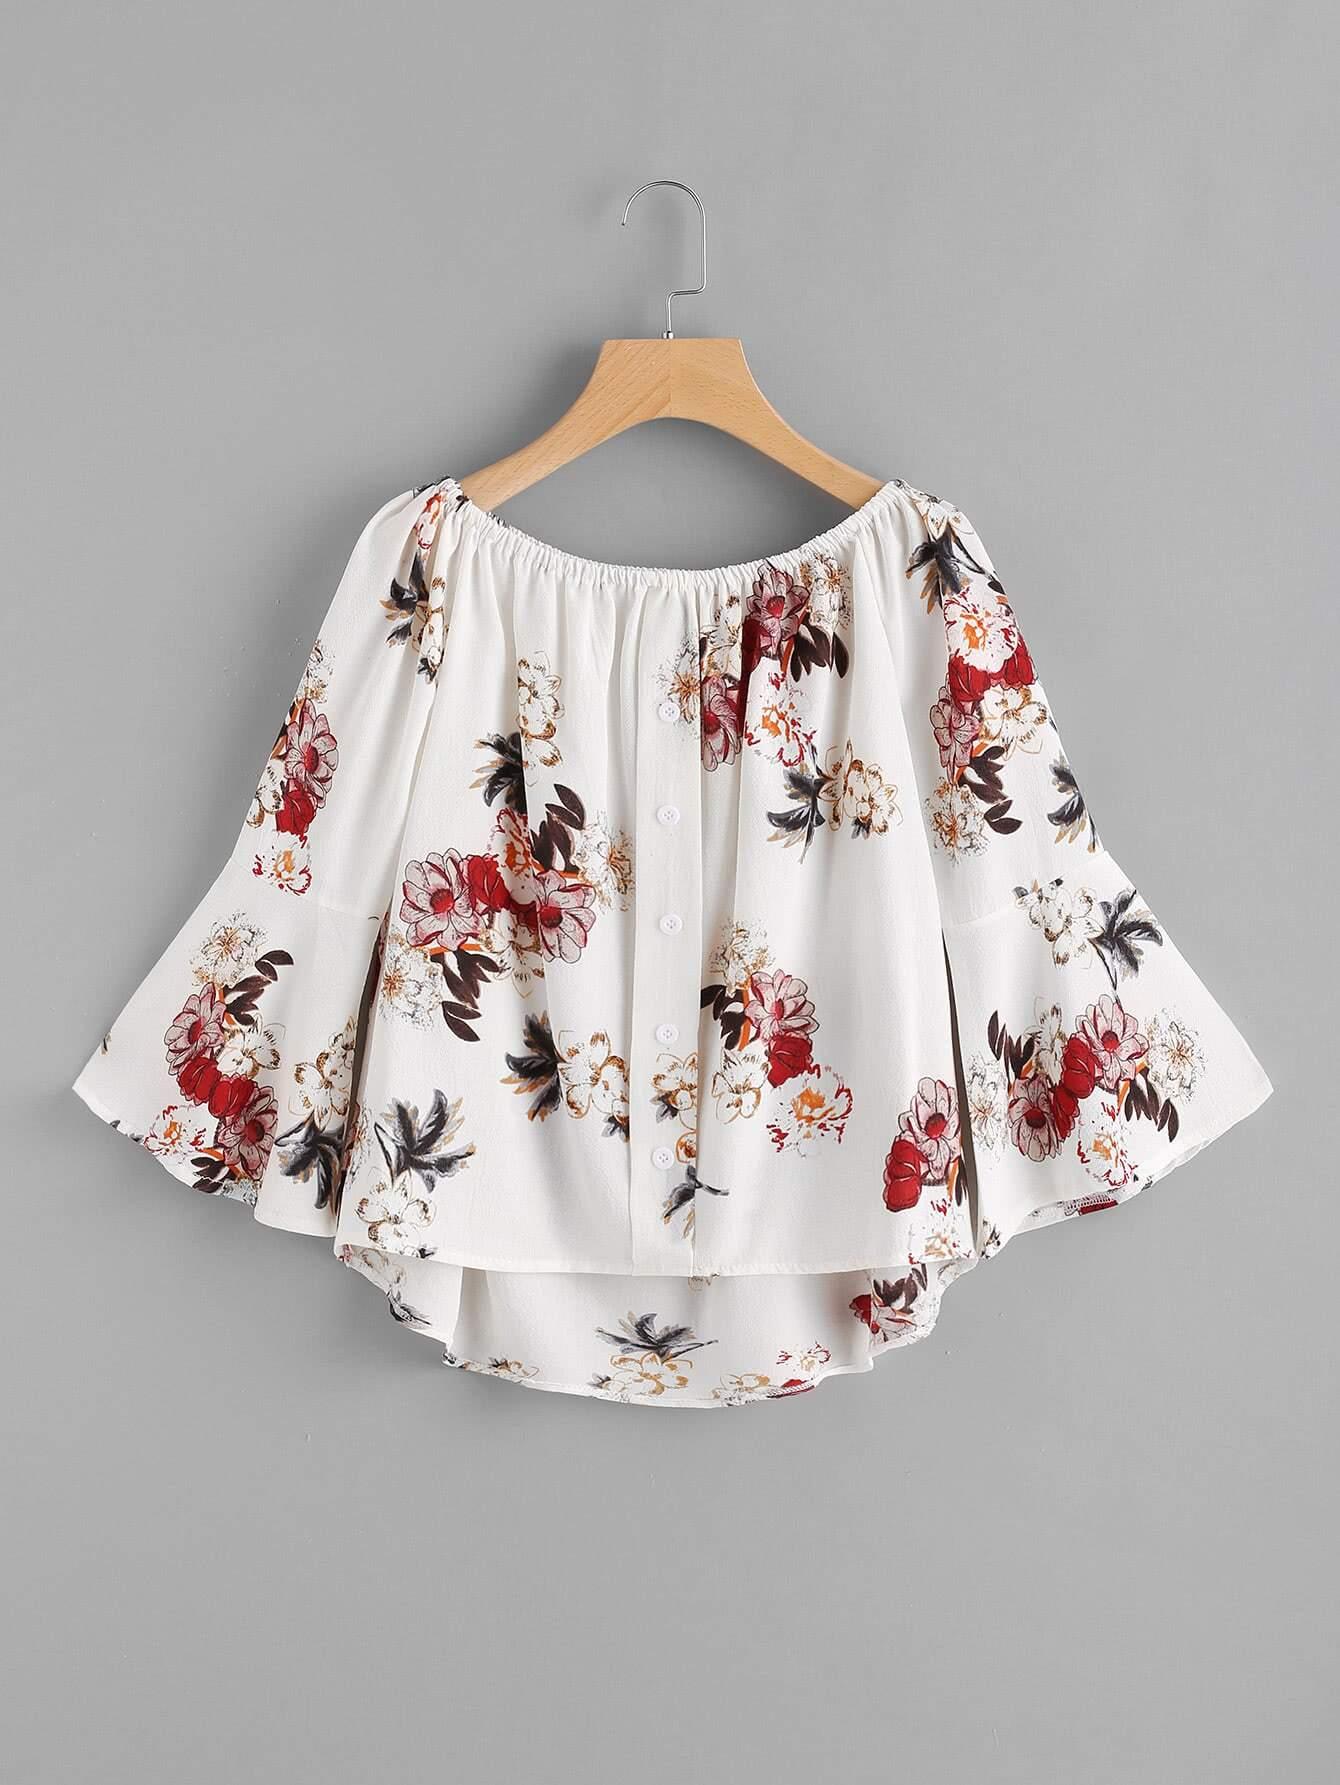 Купить Модный асимметричный топ с цветочным принтом, null, SheIn